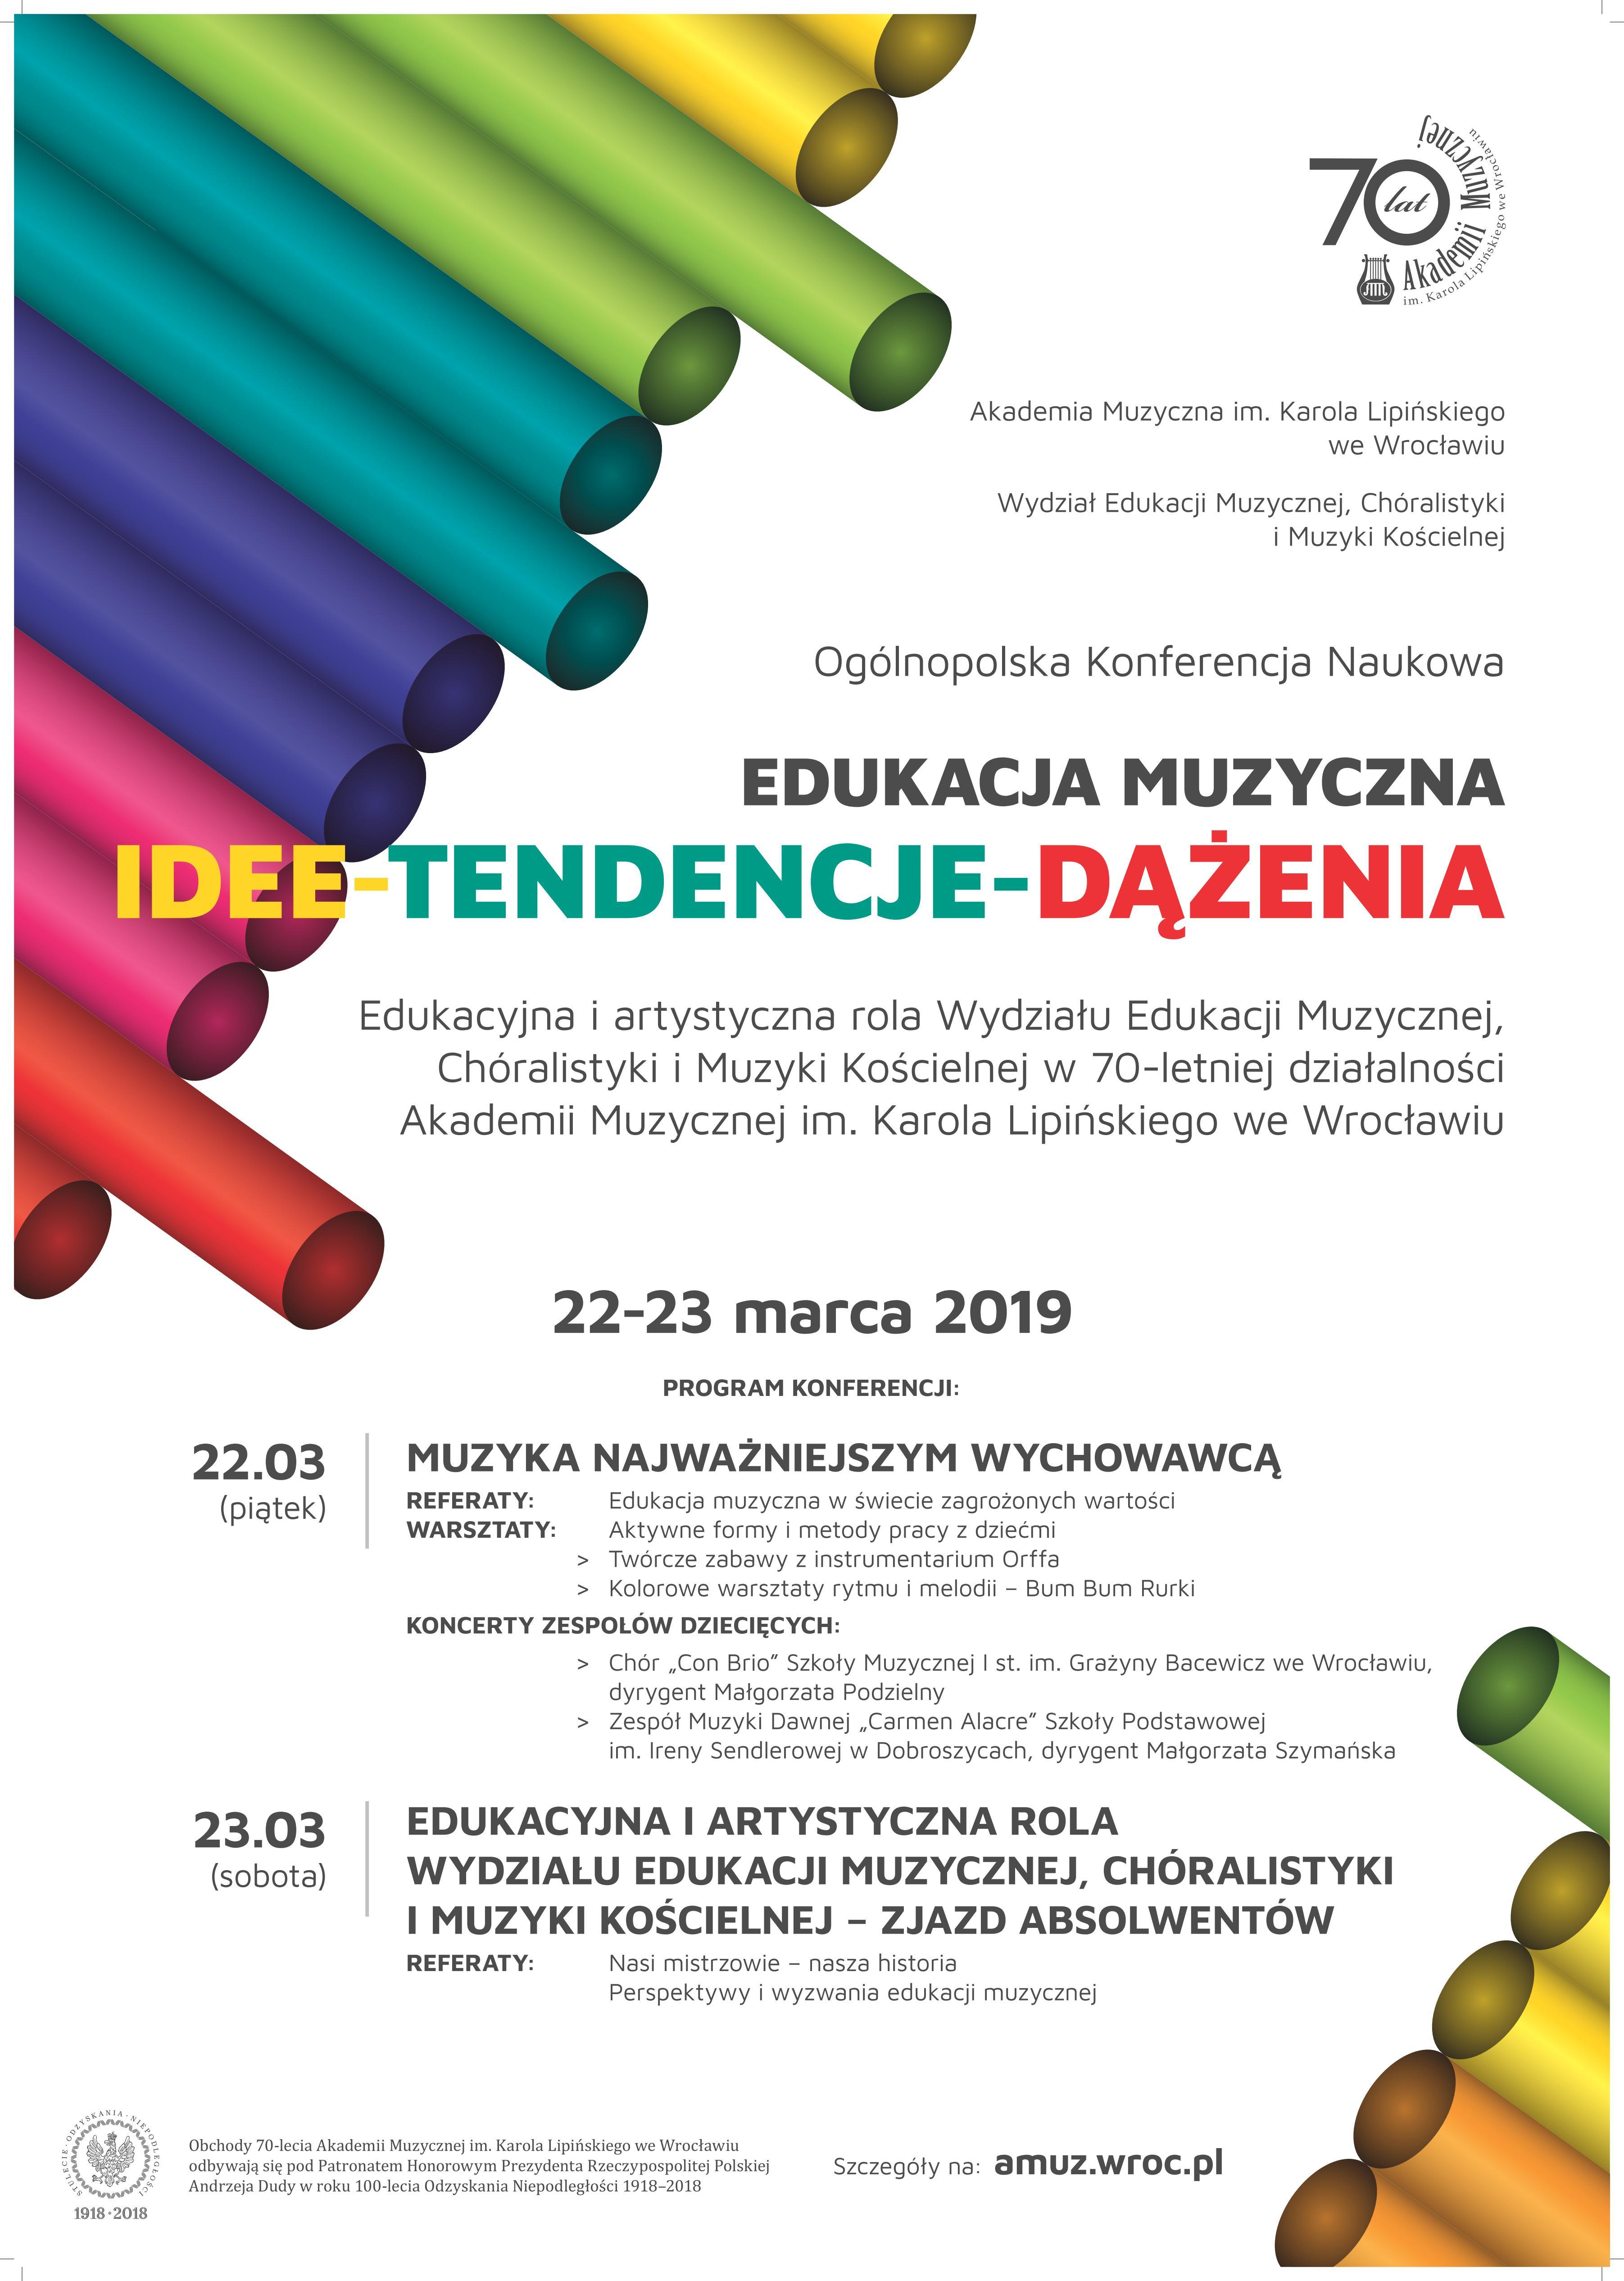 Zjazd Absolwentów Wydziału Edukacji Muzycznej, Chóralistyki i Muzyki Kościelnej